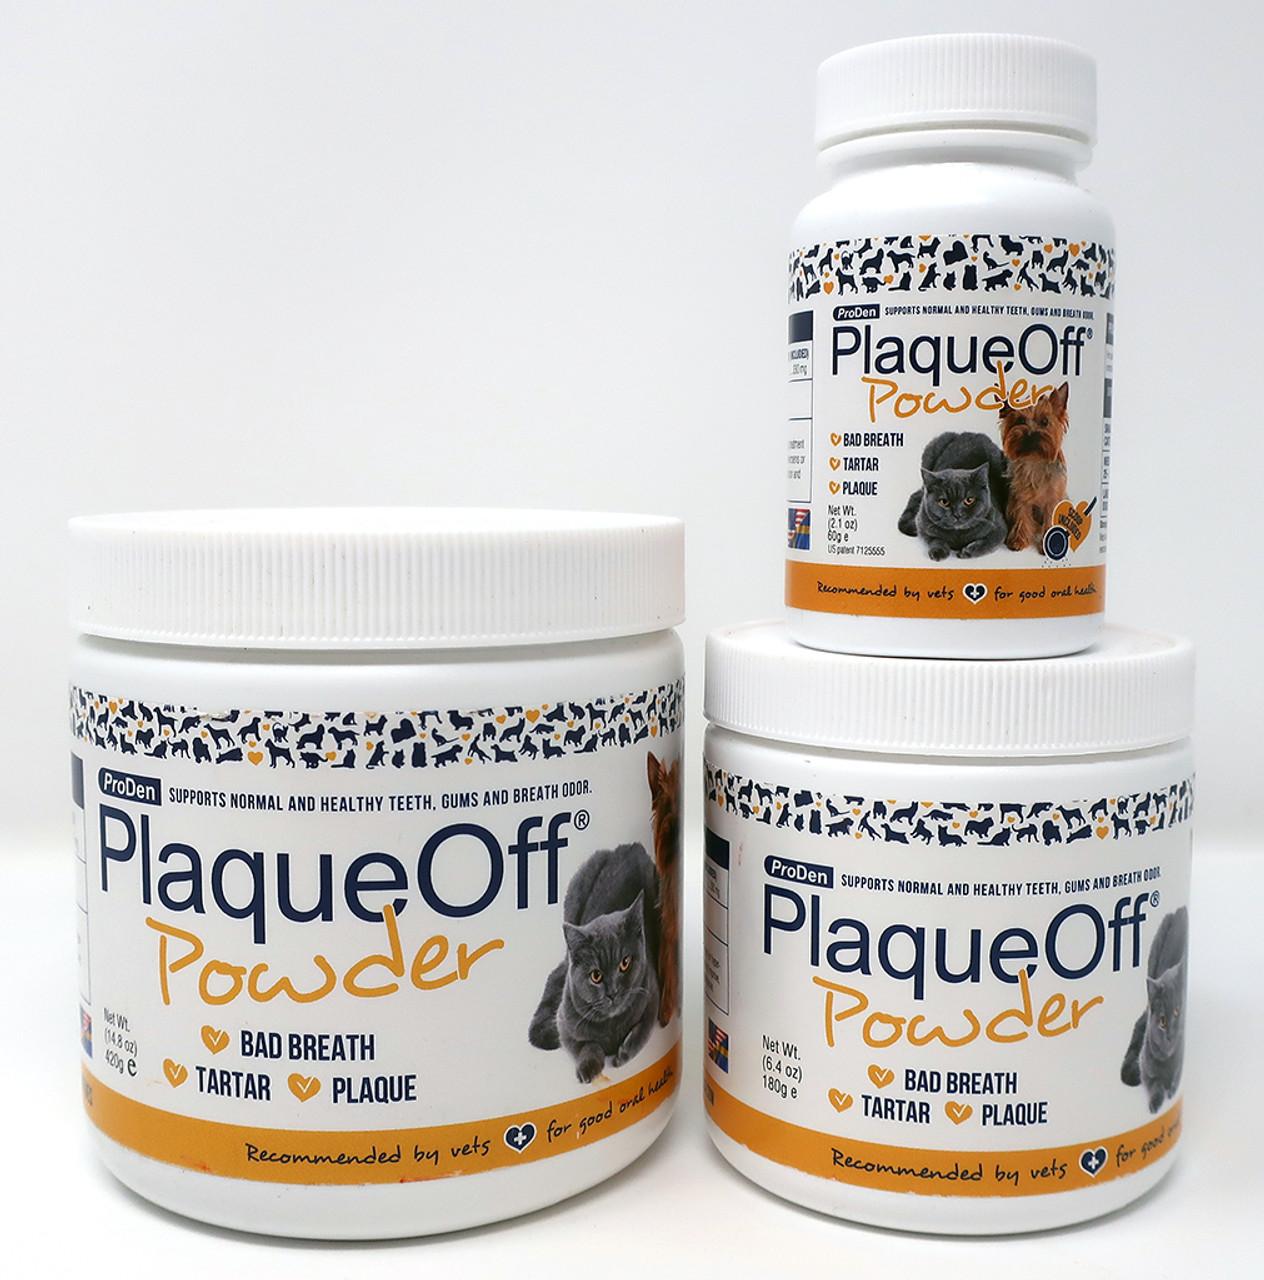 ProDen PlaqueOff Powder